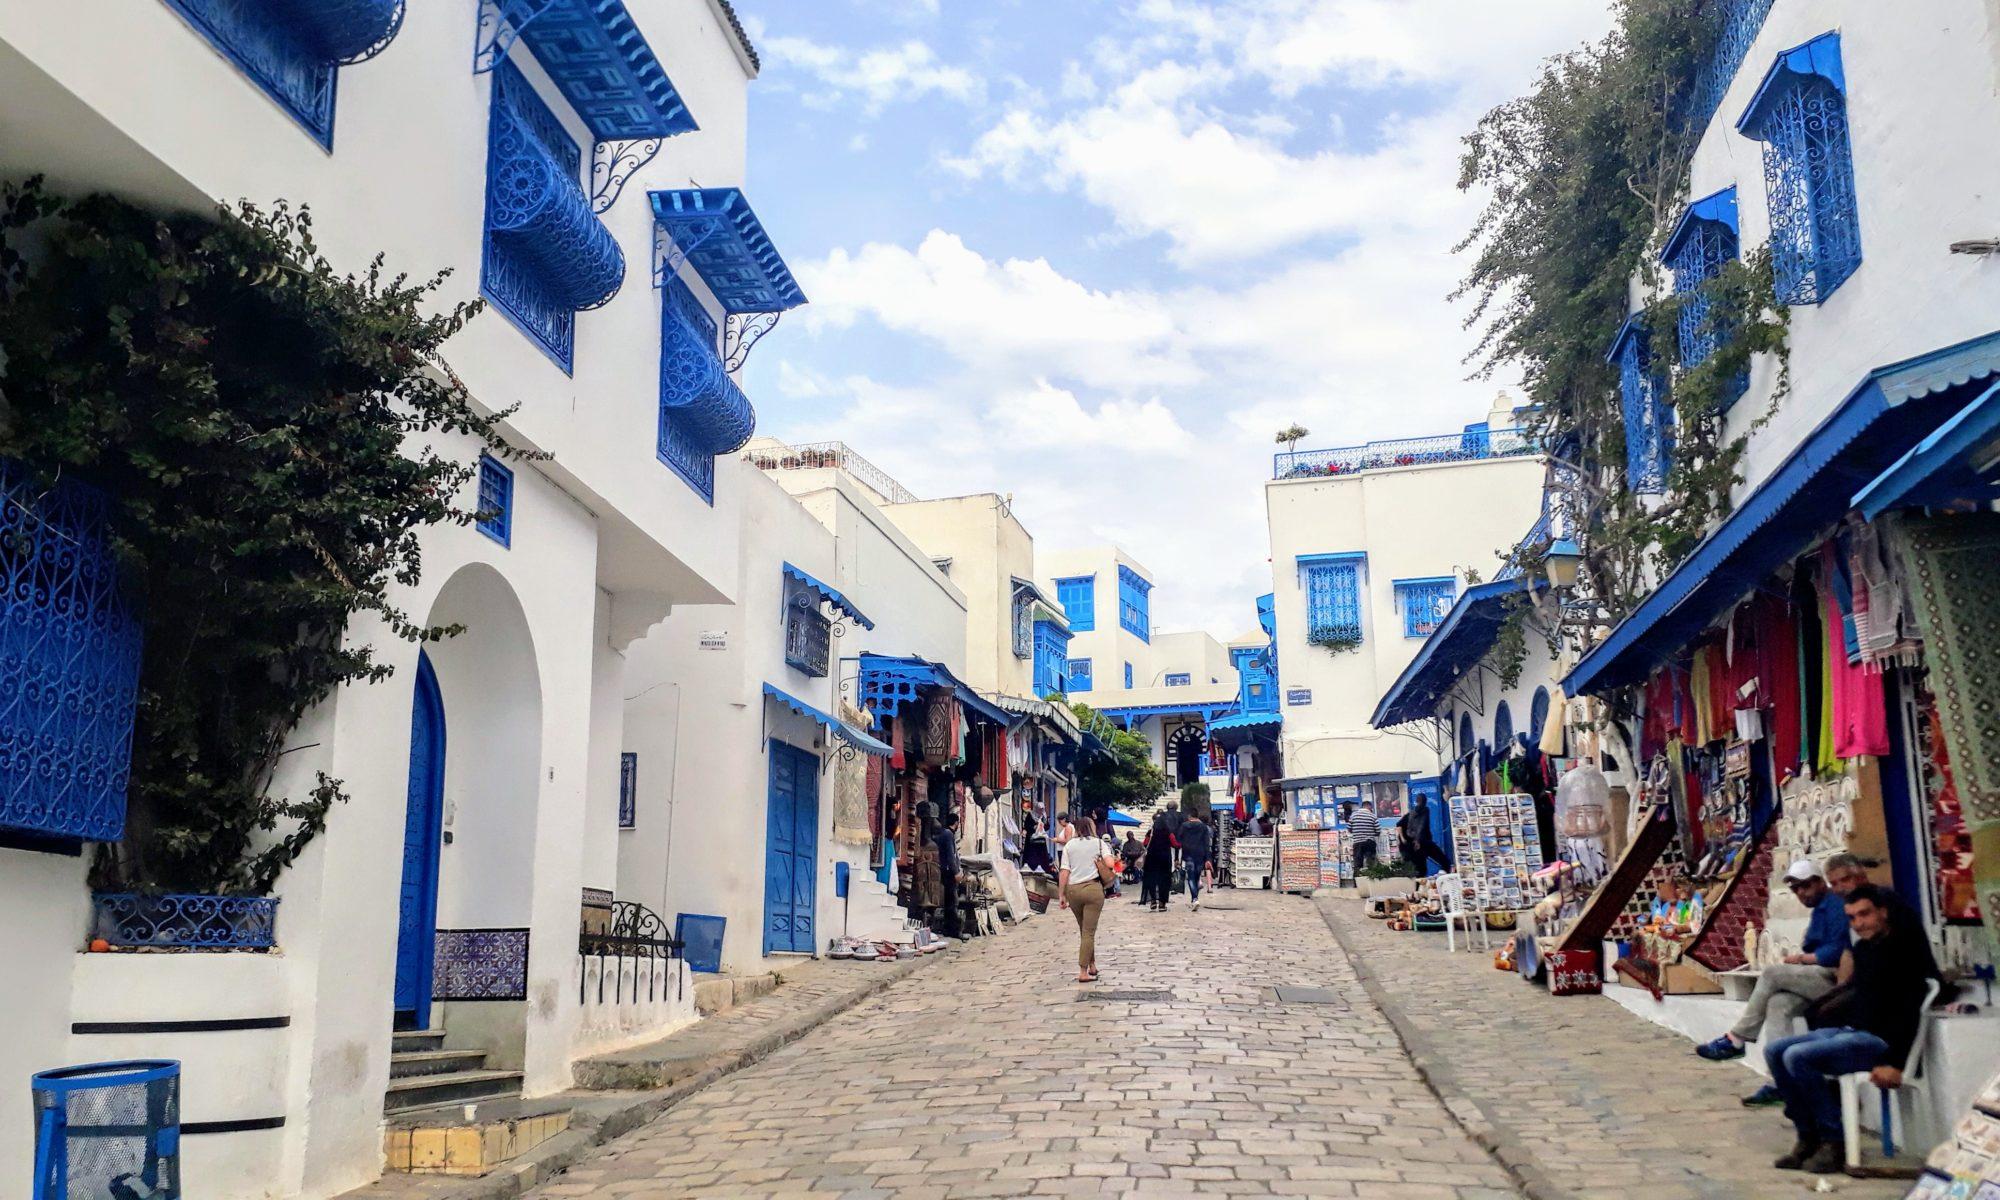 Sidi Bou Saïd: Blau-Weiße Perle am Mittelmeer